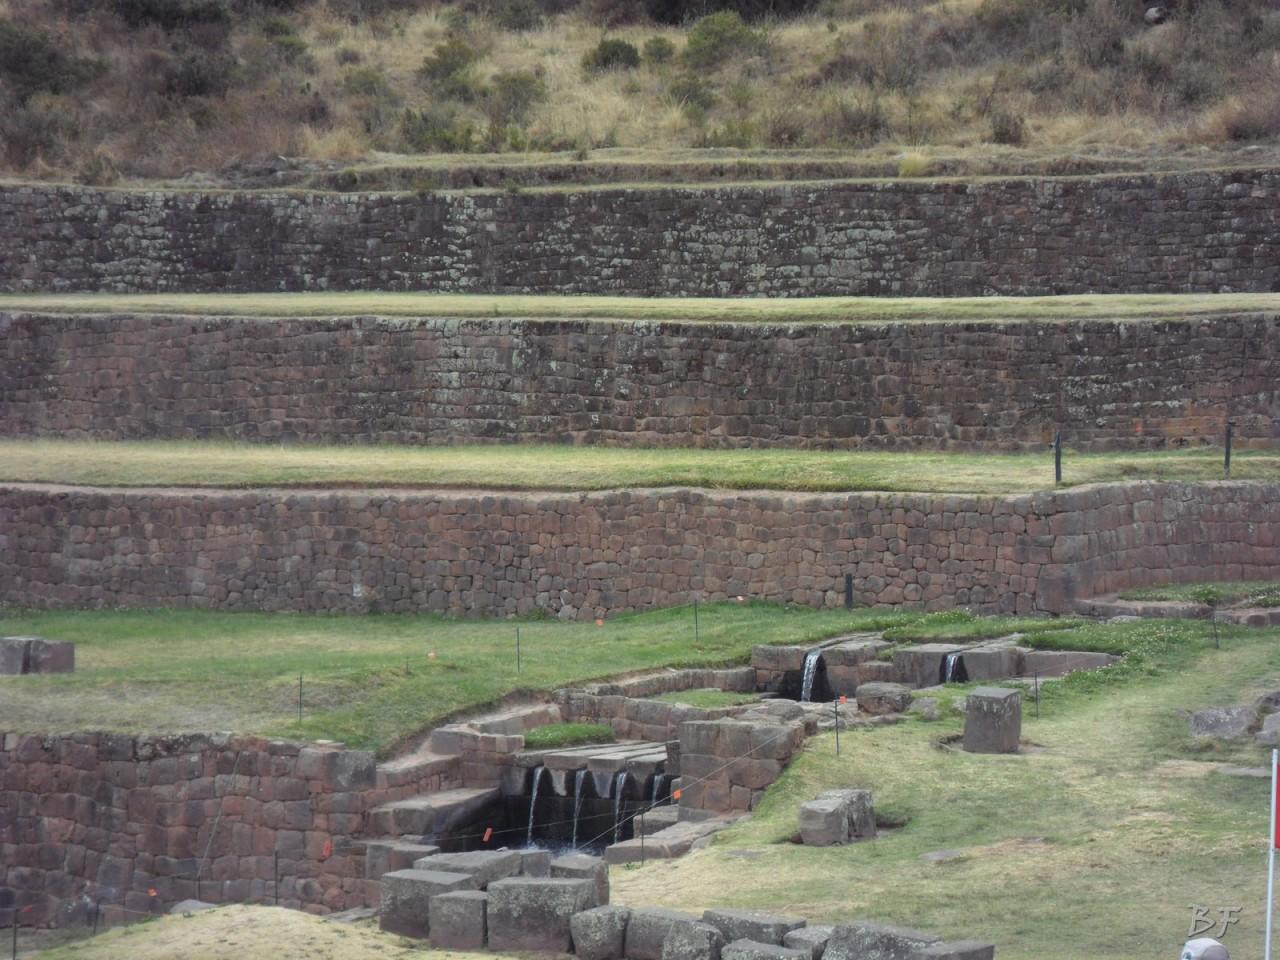 Mura-Poligonali-Megaliti-Tipon-Oropesa-Cusco-Perù-39